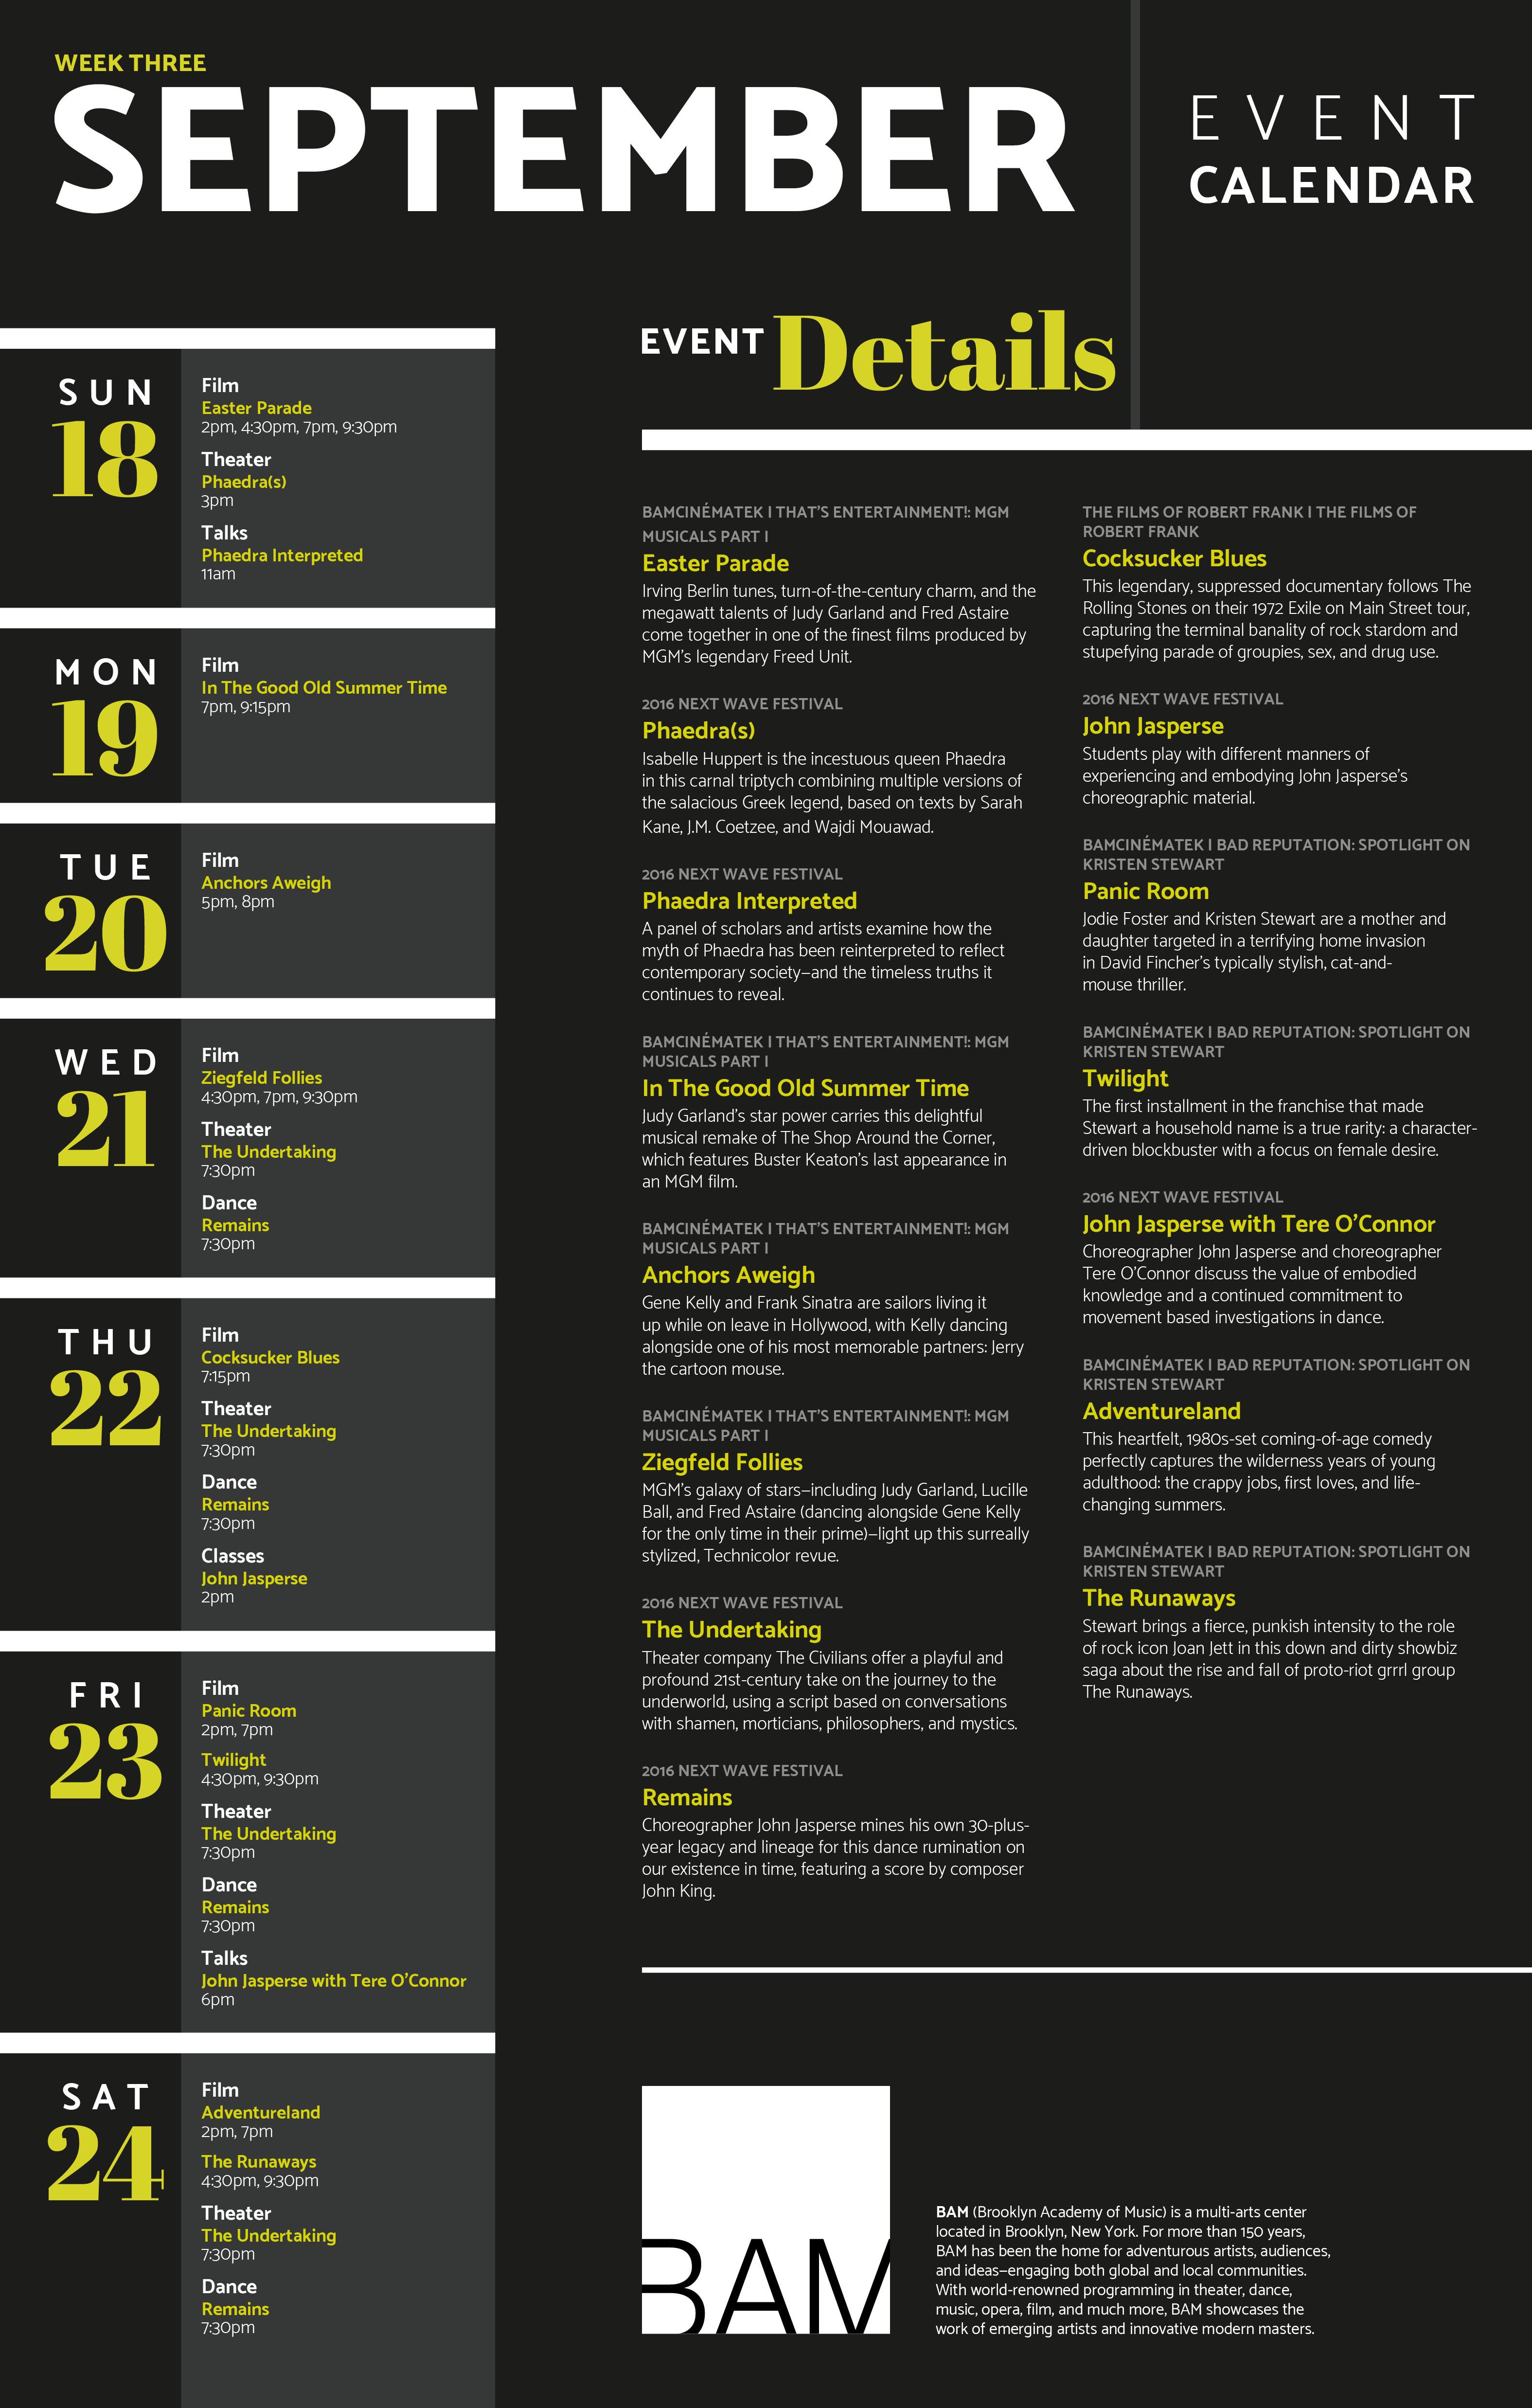 Calendar Of Events Design : Lena kourgouzov bam event calendar poster